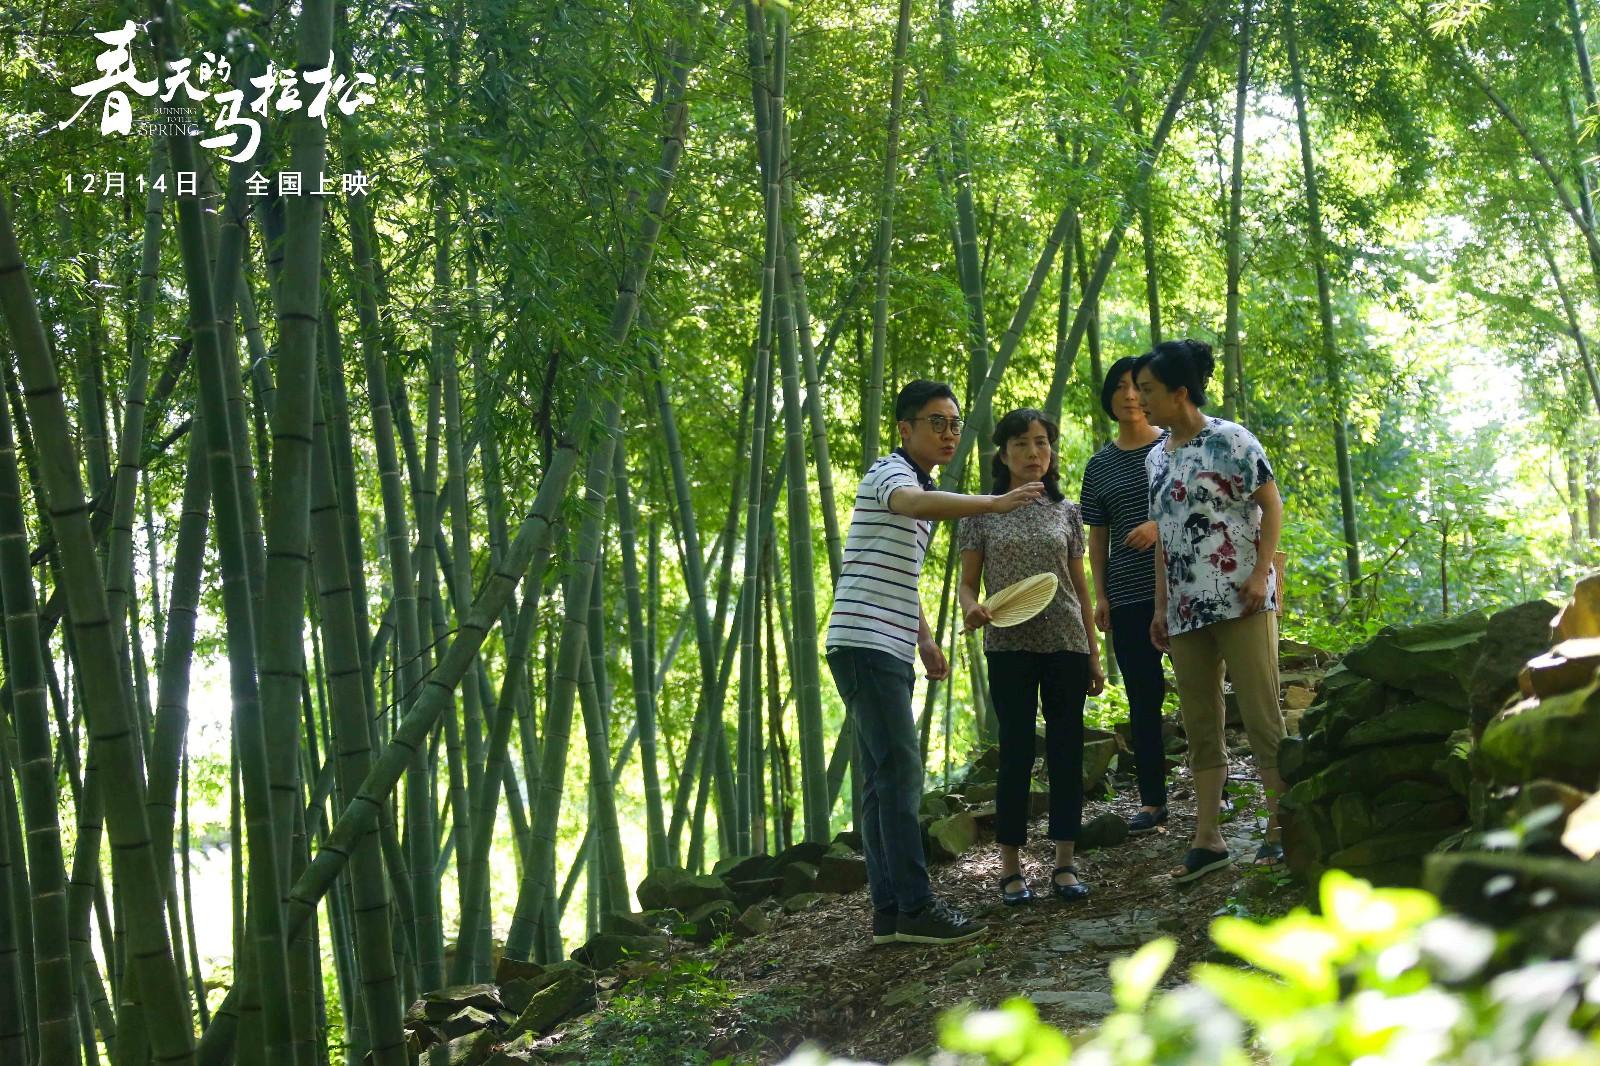 电影《春天的马拉松》定档12.14 讲述乡村生活里的诗和远方